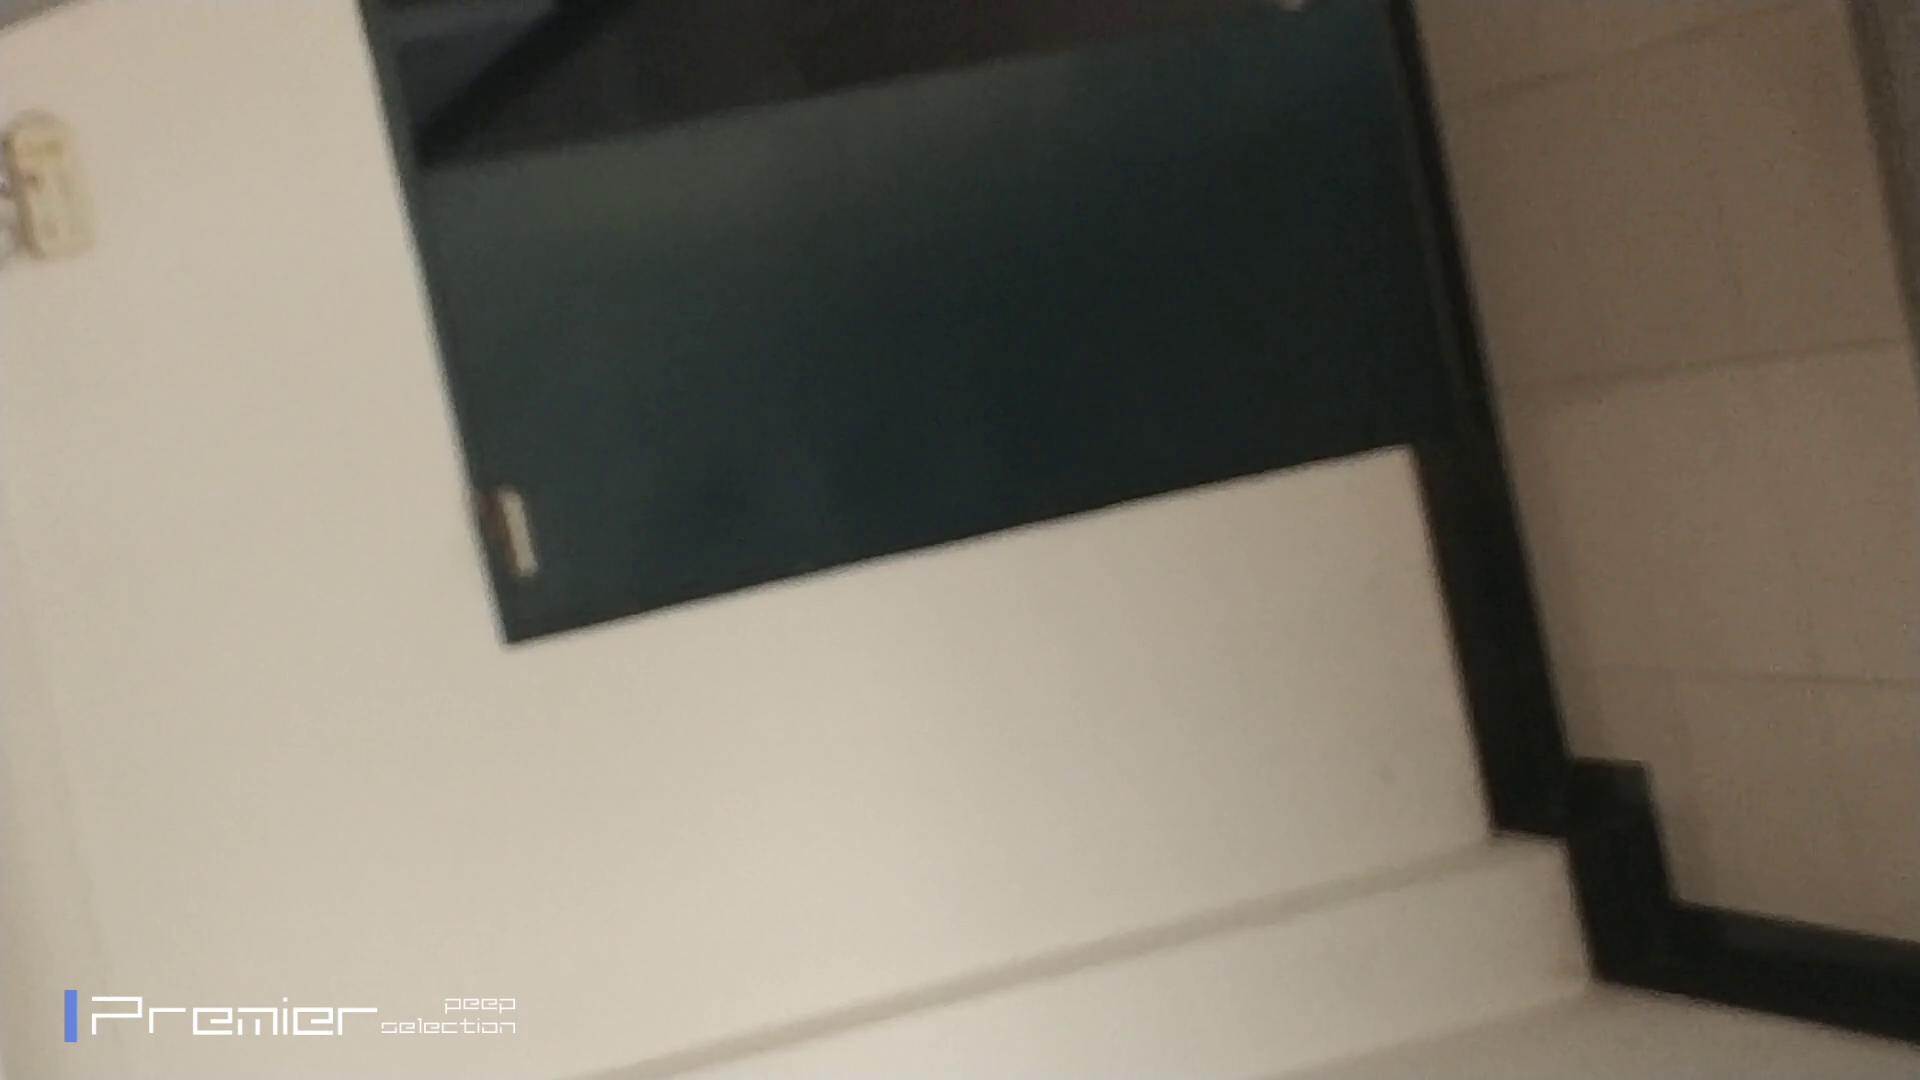 生理用ナプキン交換 大学休憩時間の洗面所事情77 綺麗なお姉さん ヌード画像 59pic 58